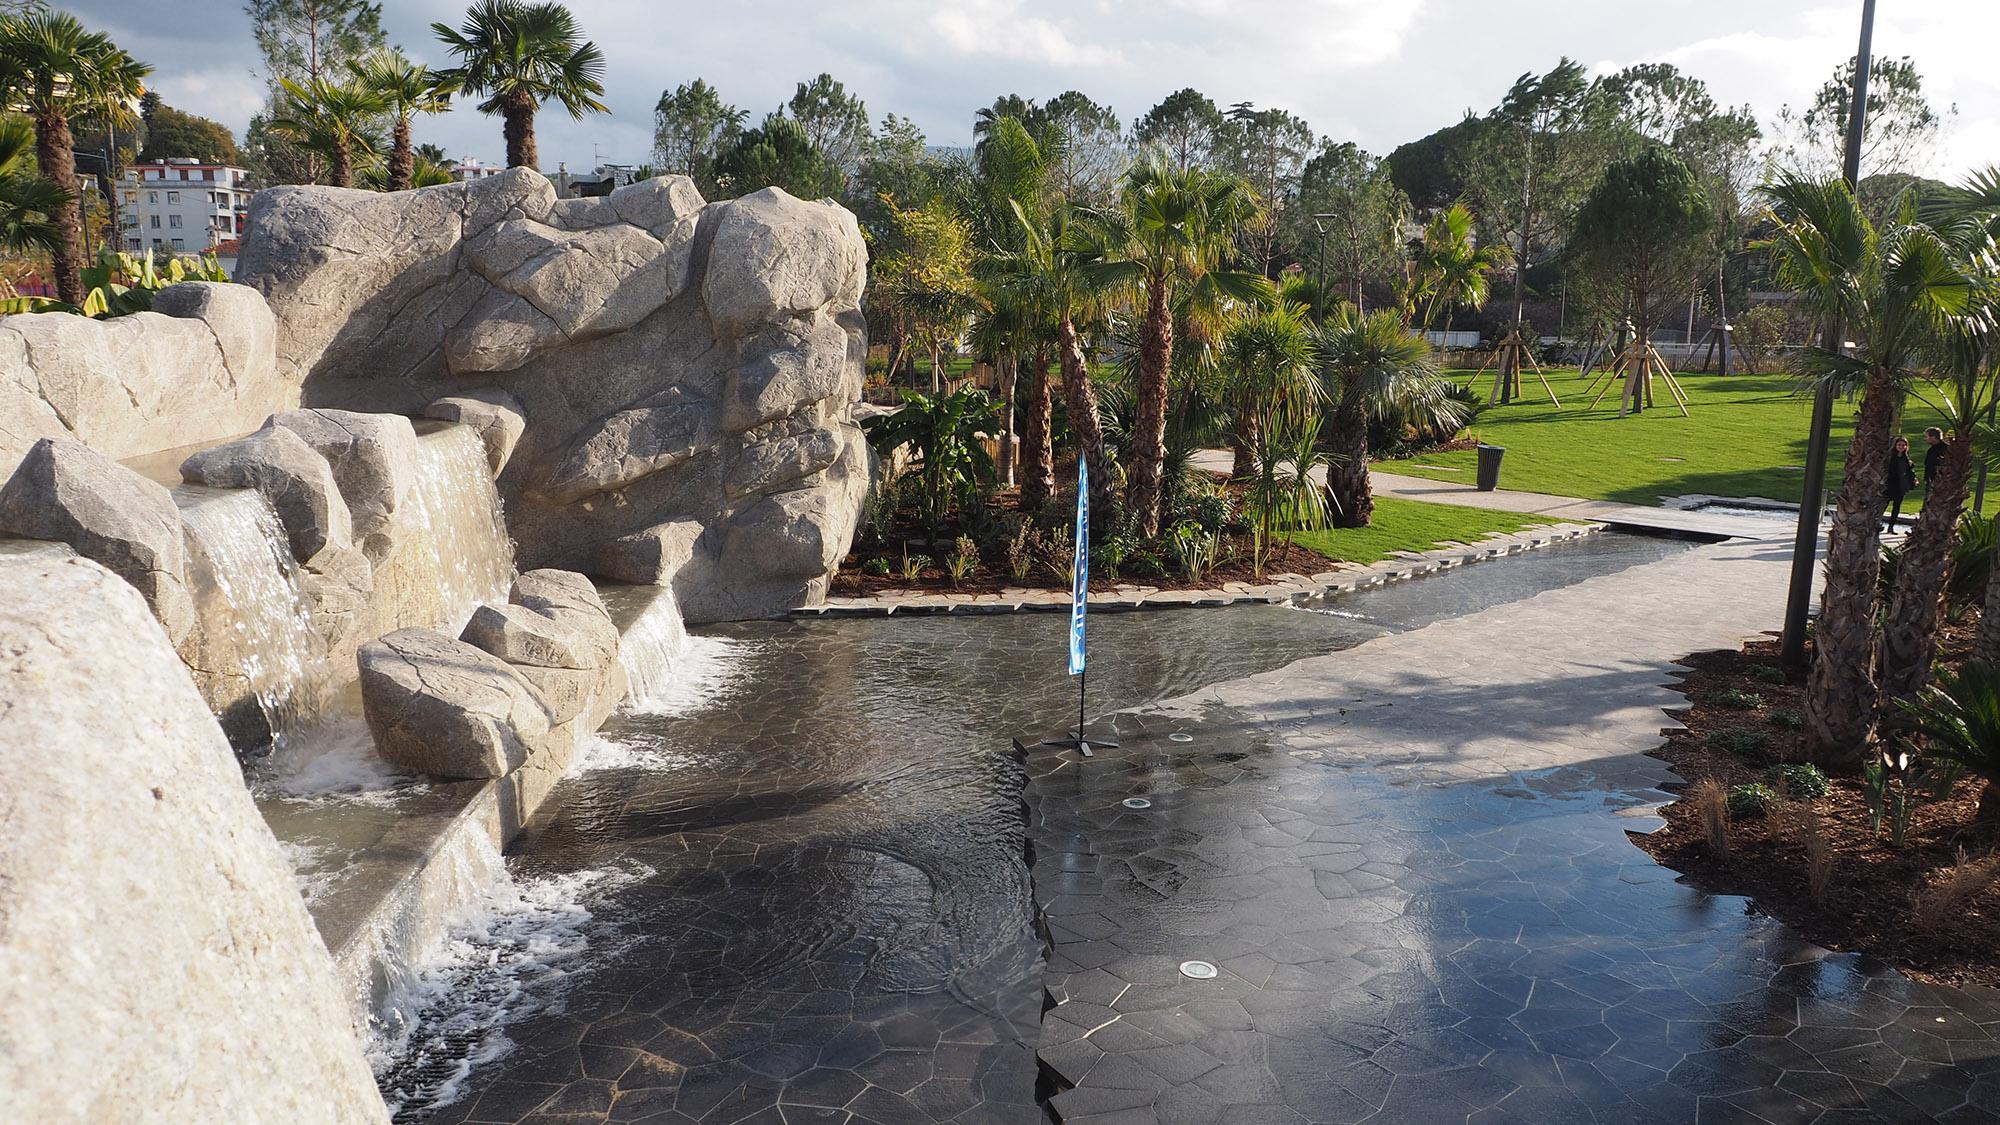 Parc du Ray - Nice - La fontaine et son ruban d'eau